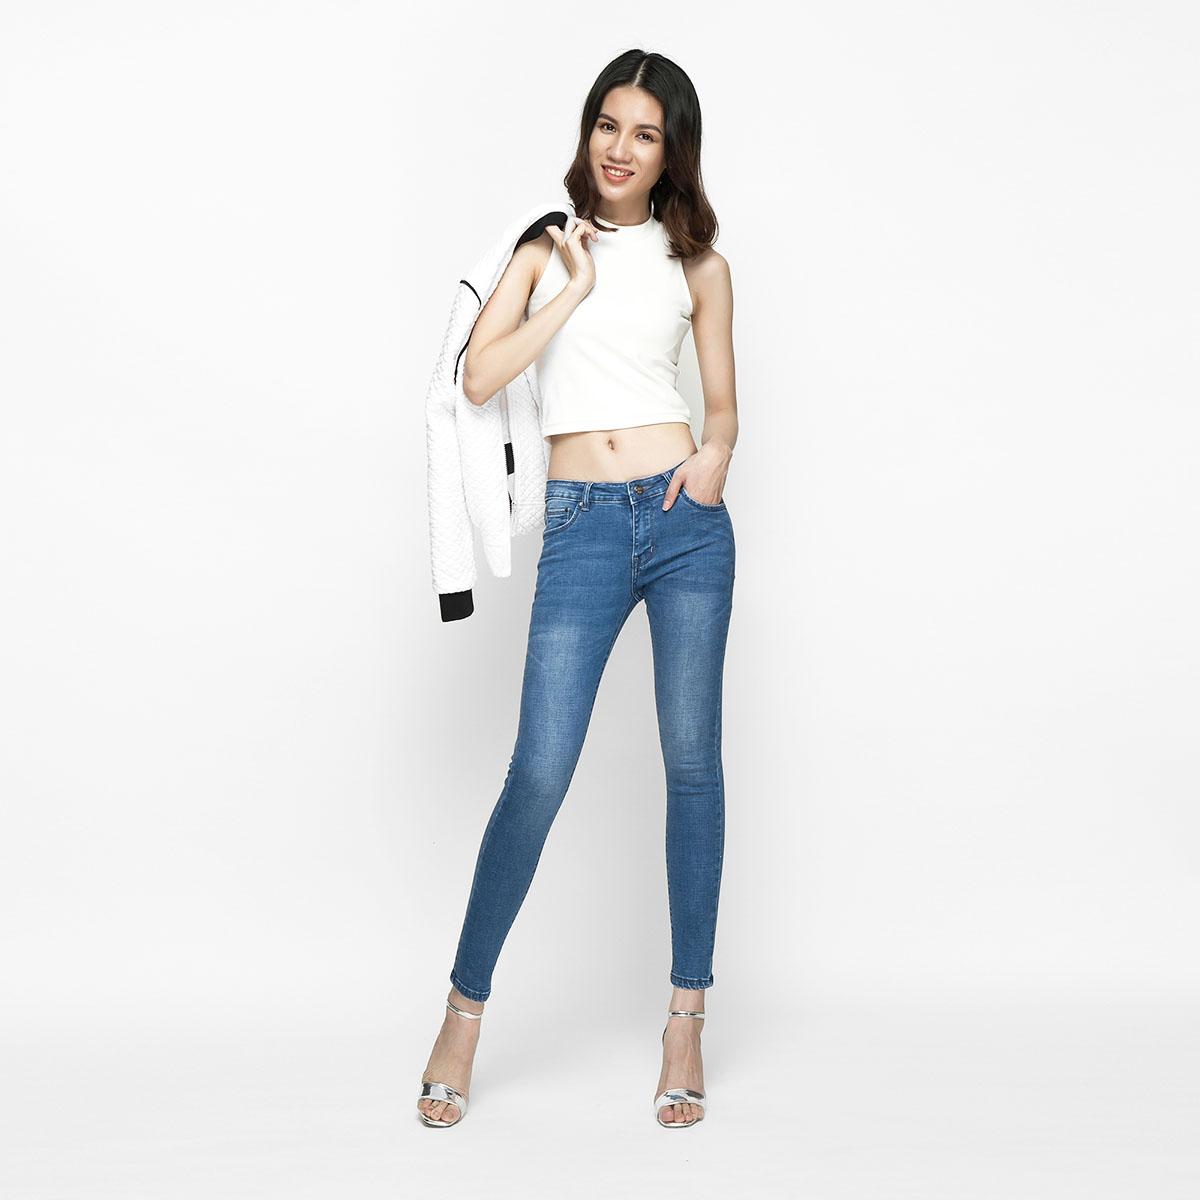 Quần Jean Nữ Skinny Lưng Vừa Aaa Jeans Có Nhiều Màu Size 26 - 32 14